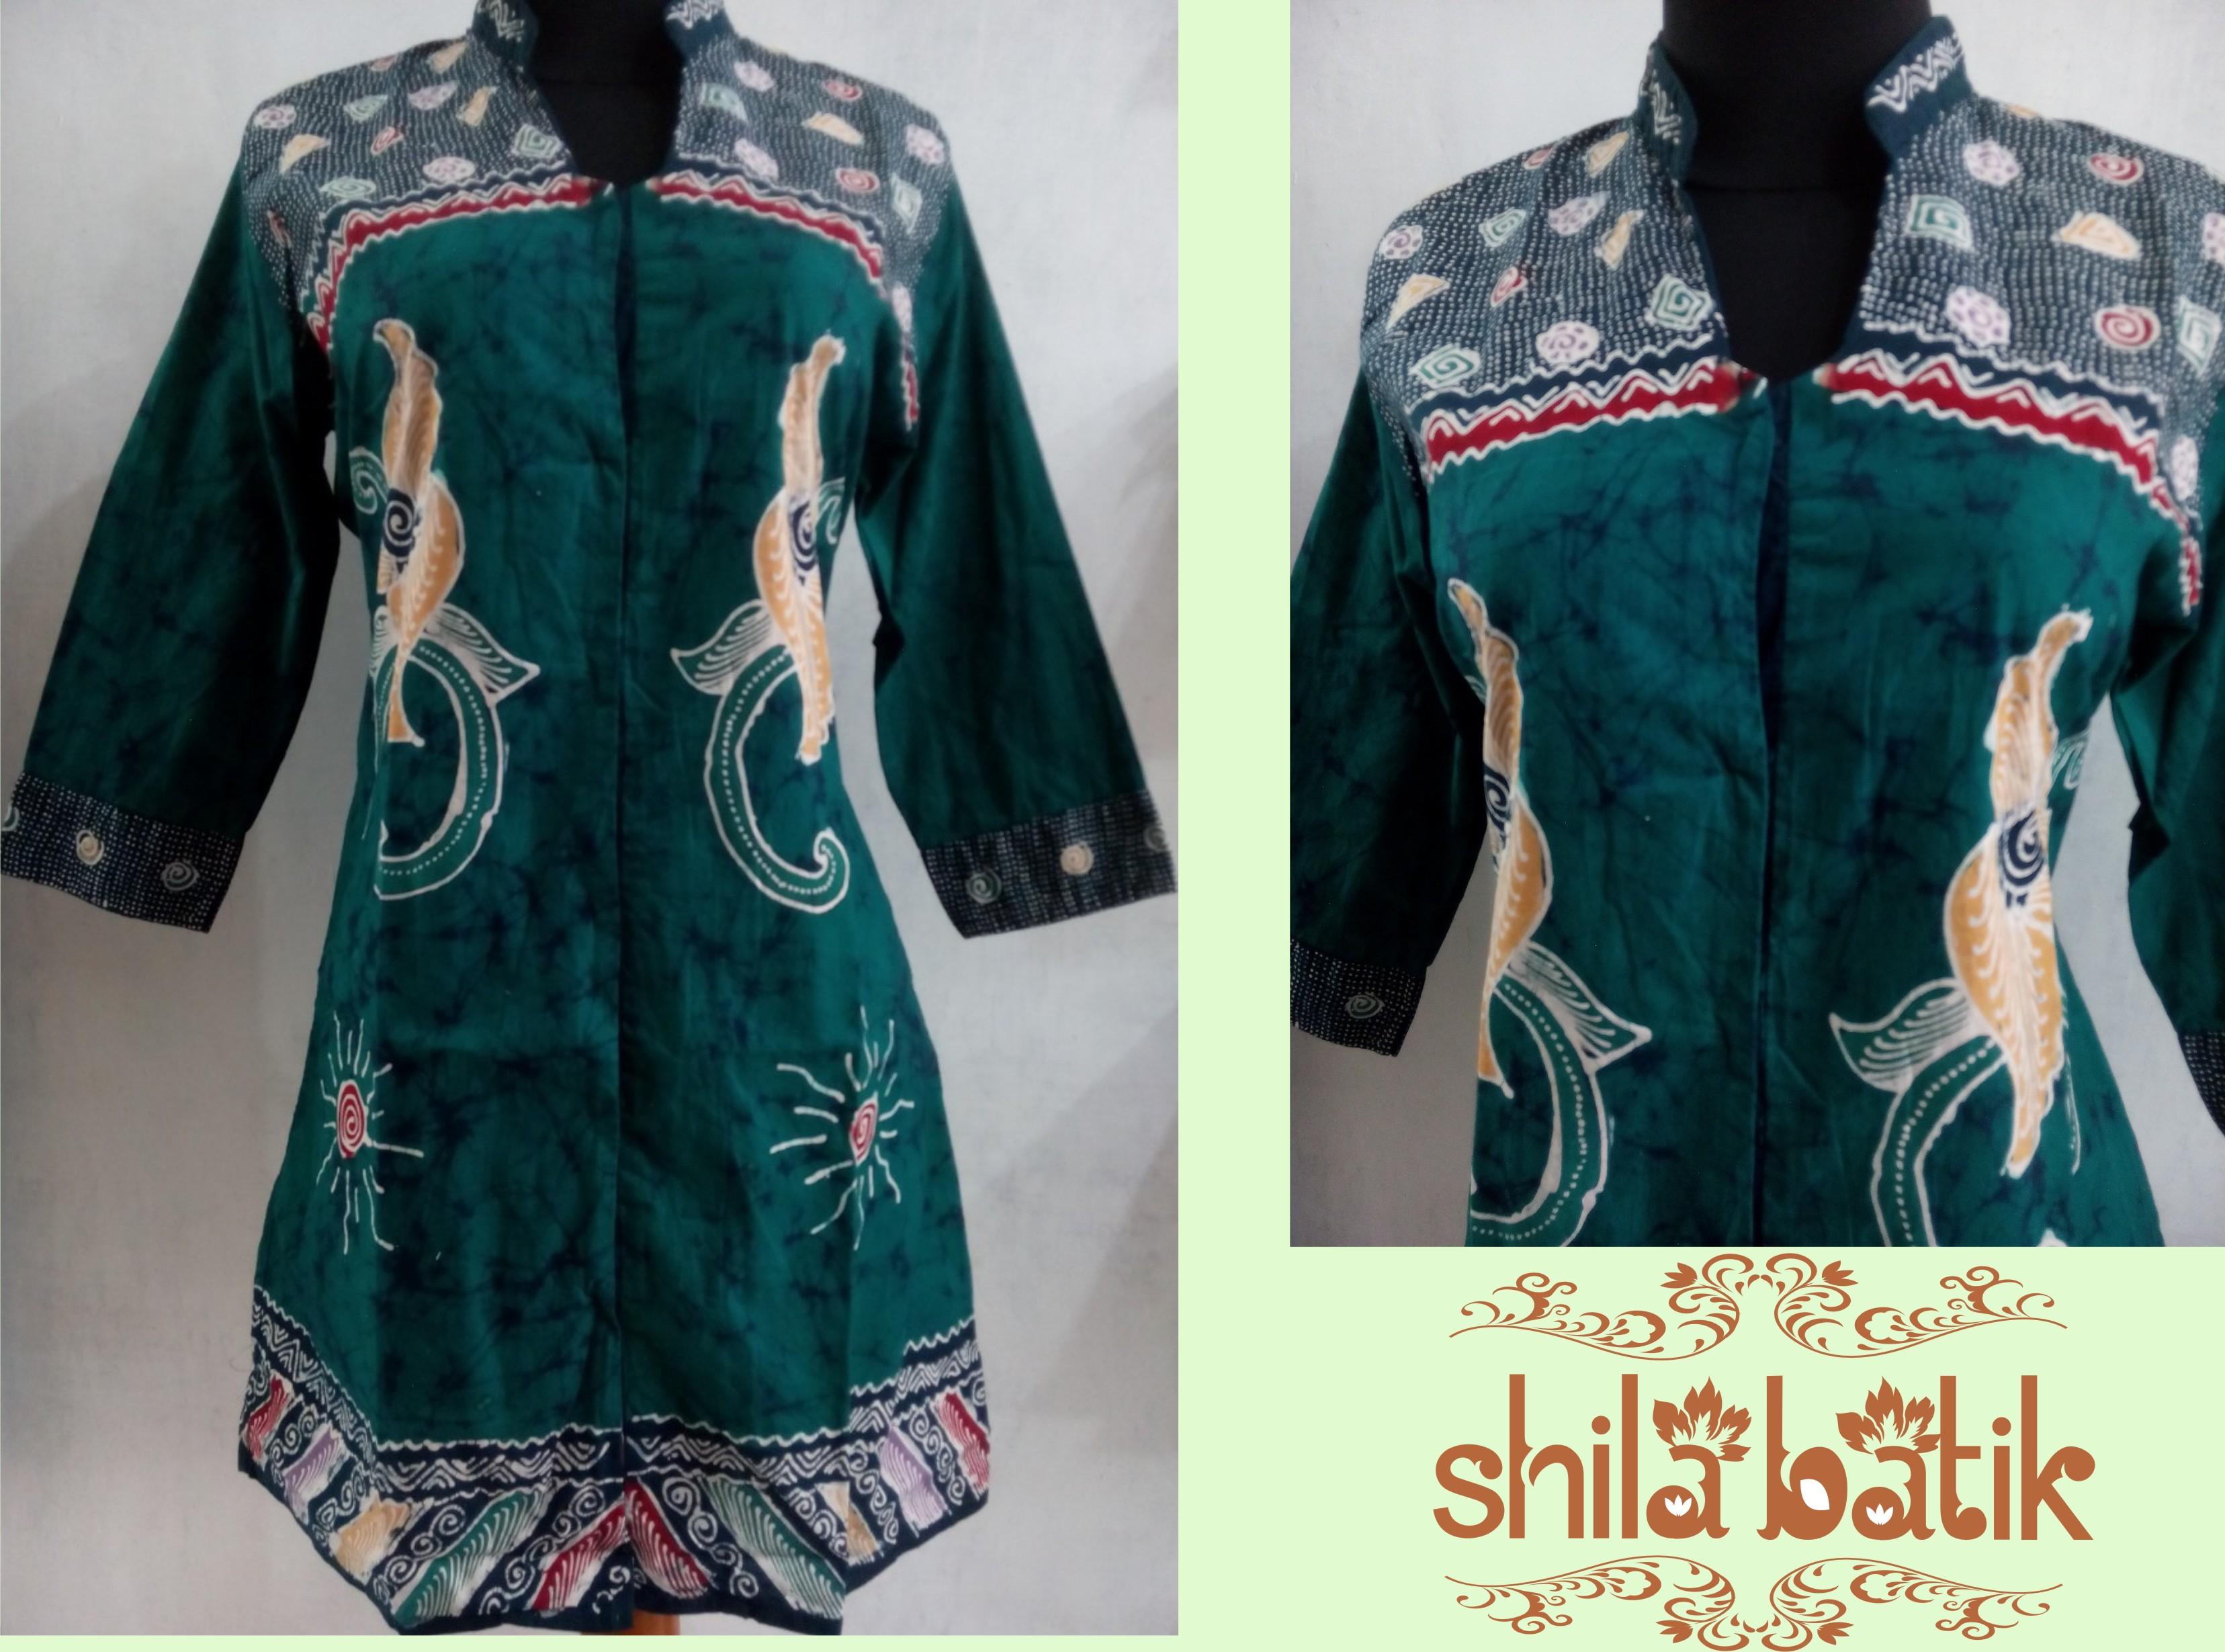 jual dress batik tulis murah - hubungi 0838.403.87800 fa25b660f7